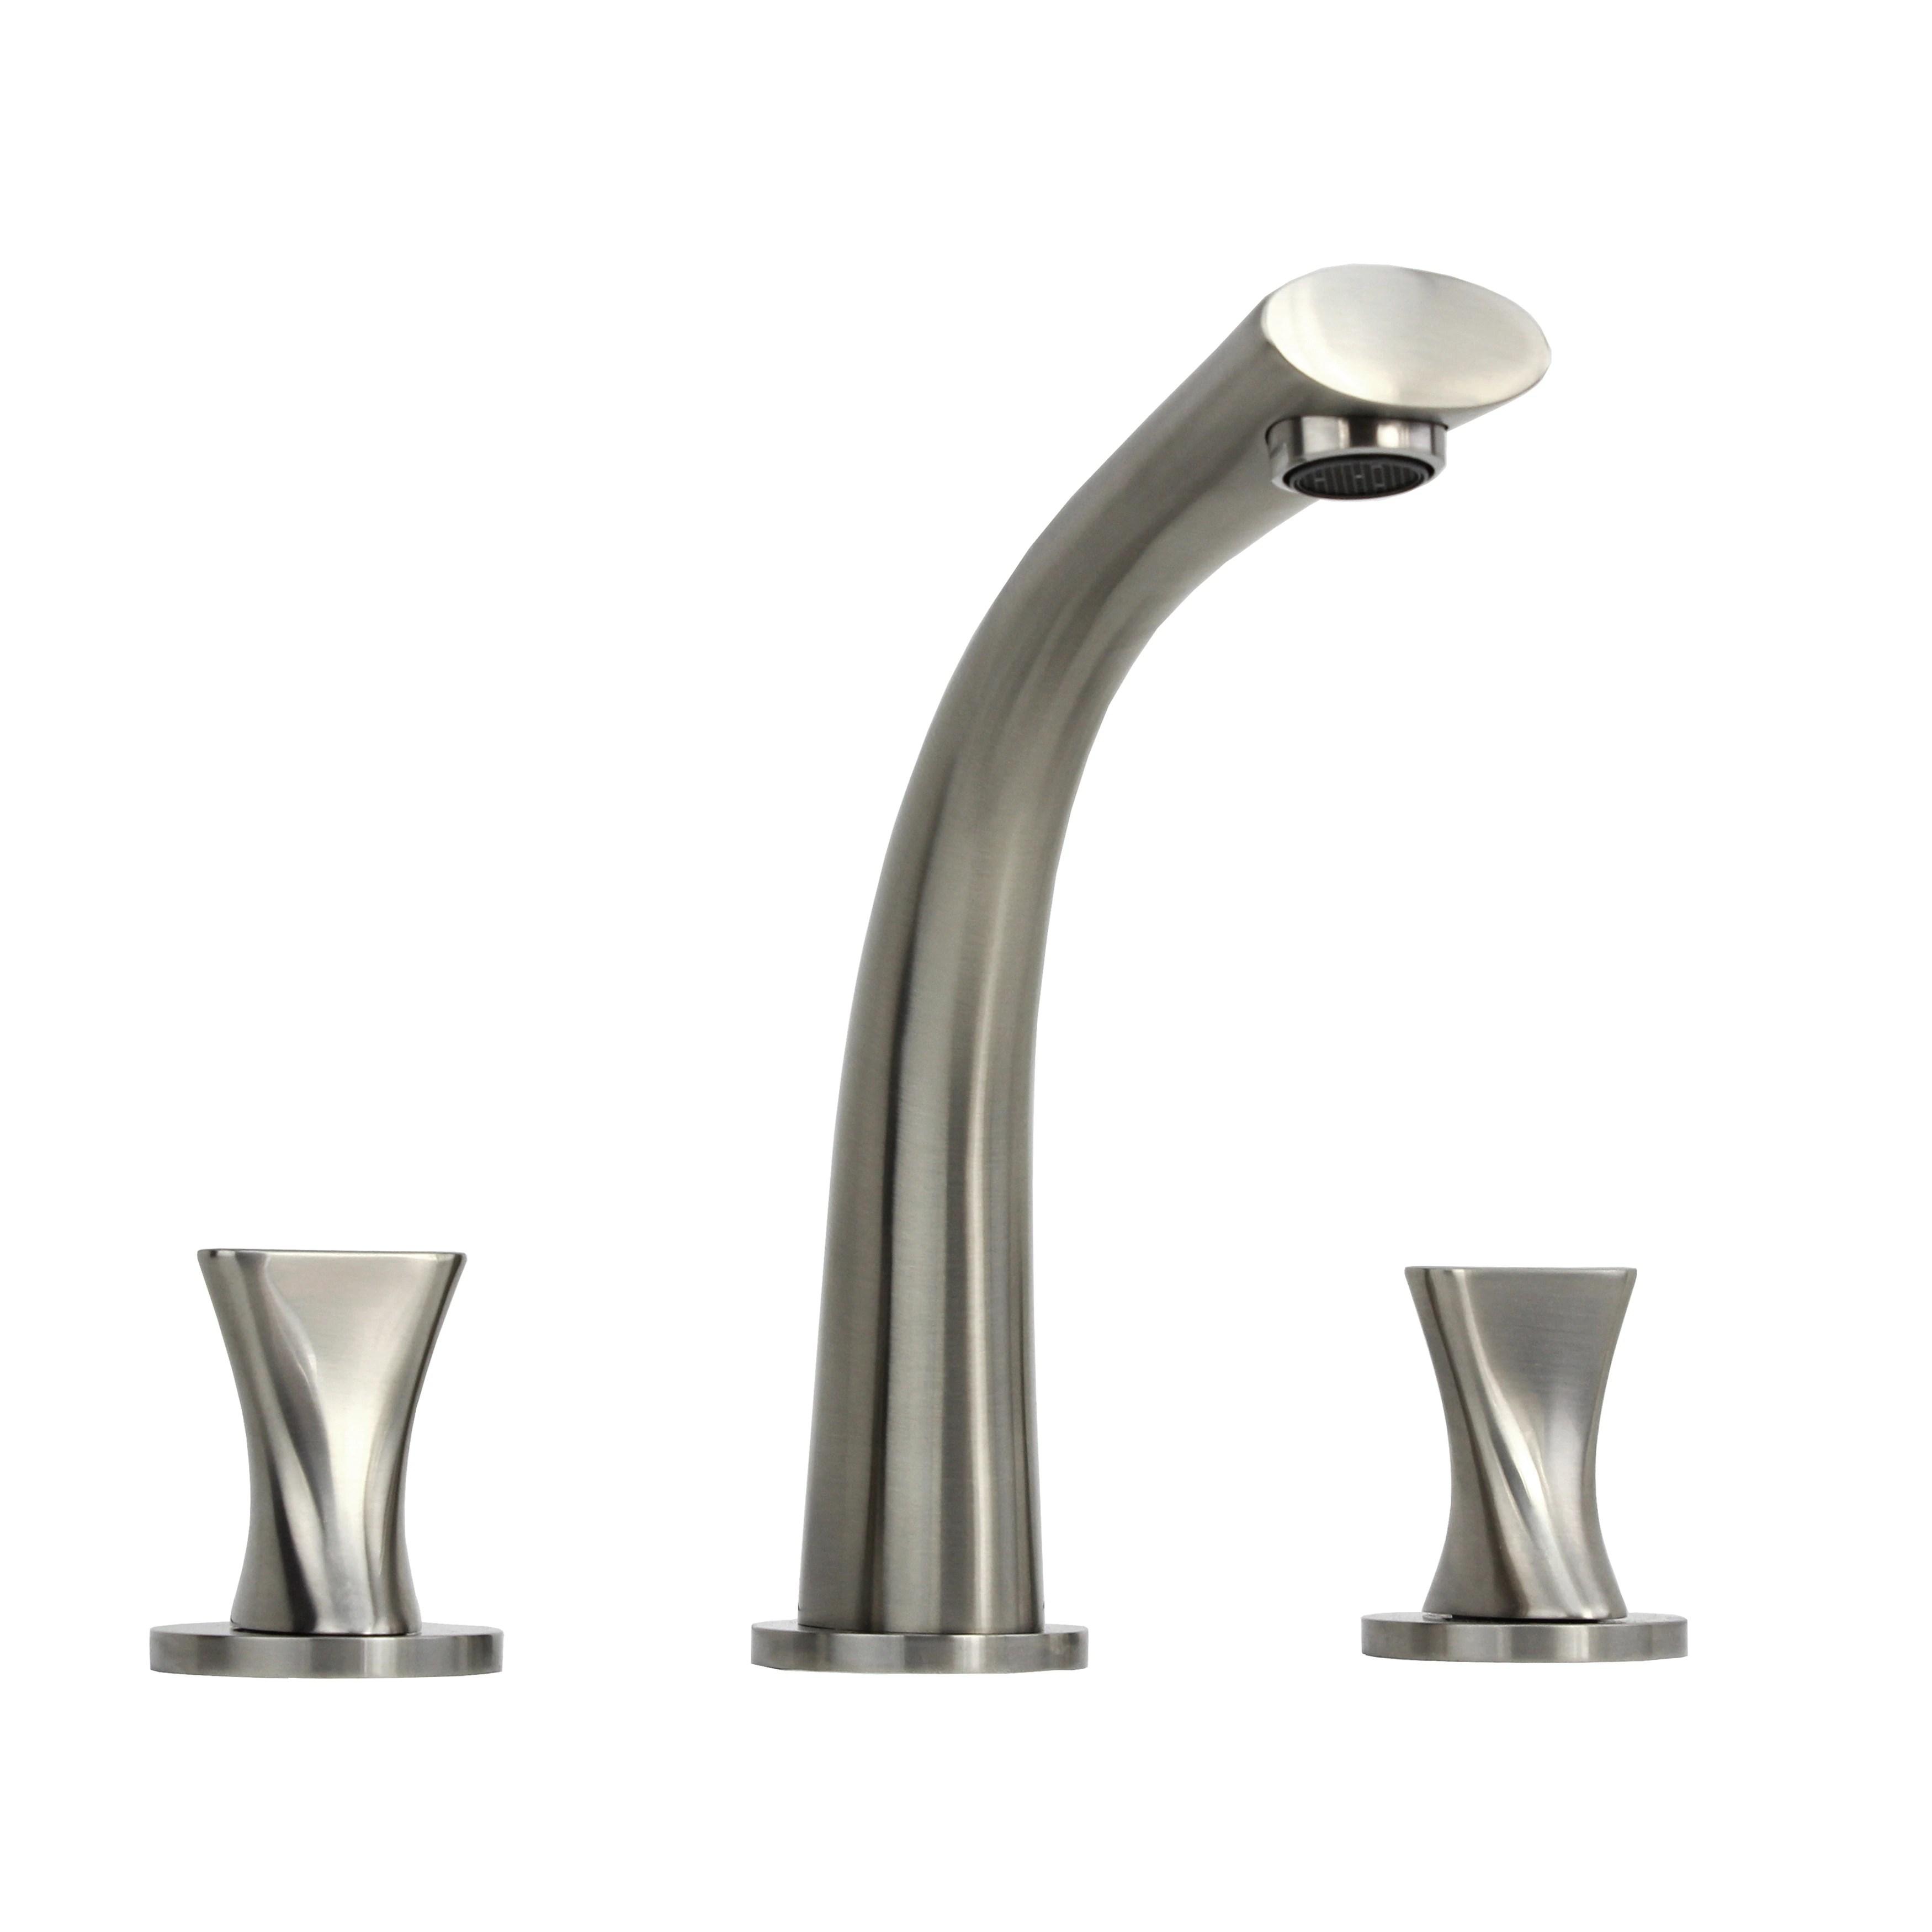 twist stainless steel brushed nickel wide spread 3 hole bathroom vanity faucet silver